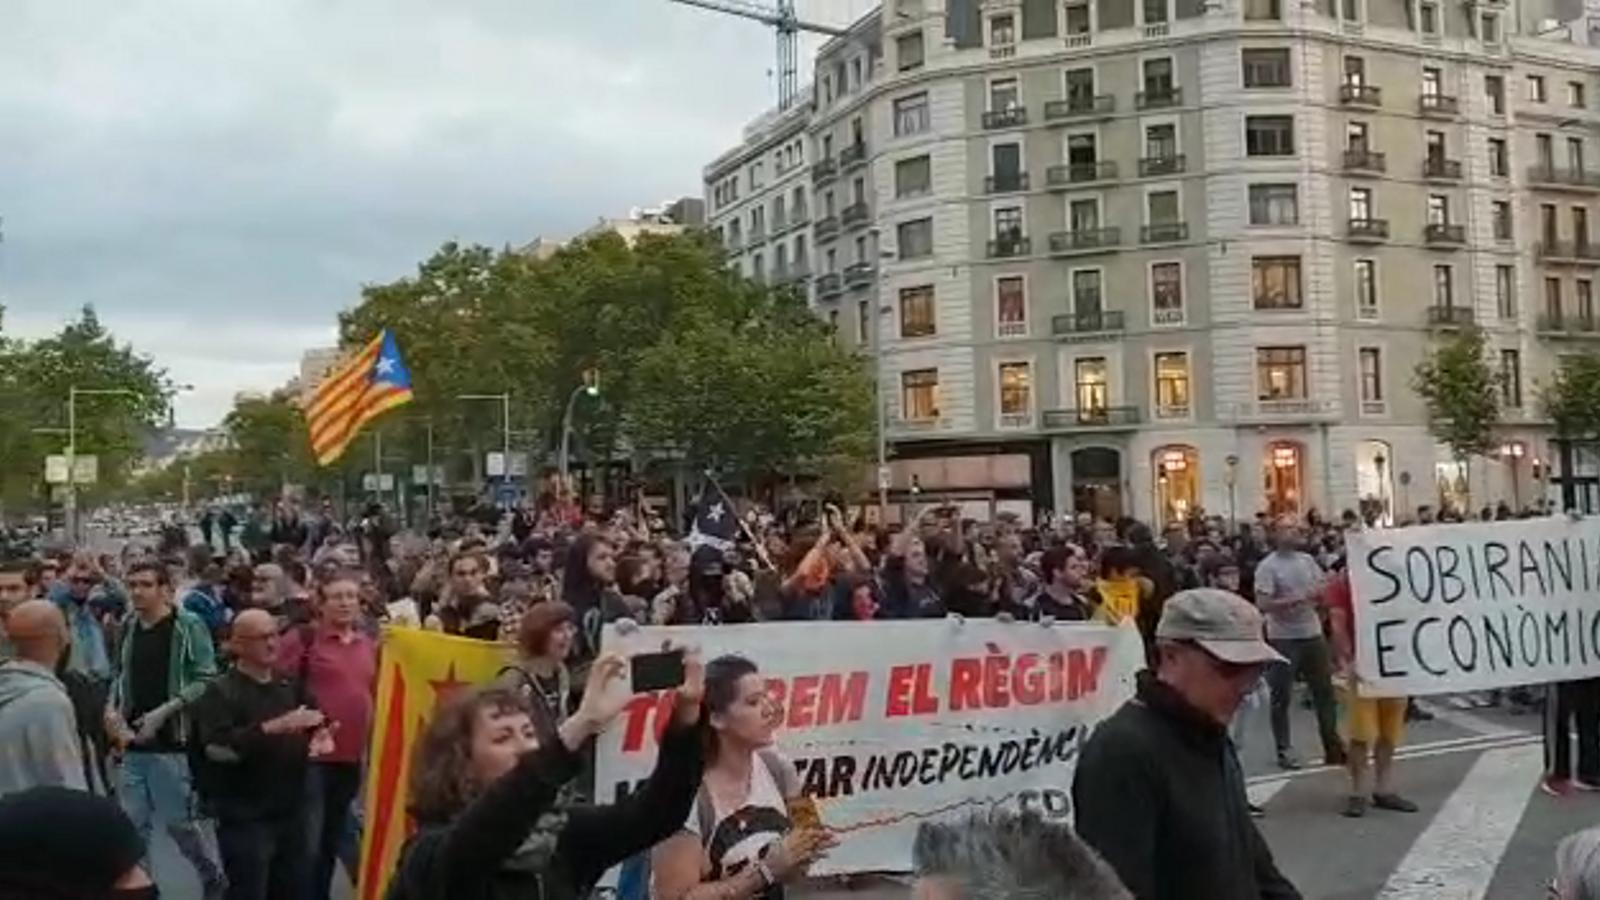 Les protestes dels CDR amb motiu del primer aniversari de l'1-O conflueixen a Passeig de Gràcia amb Gran Via